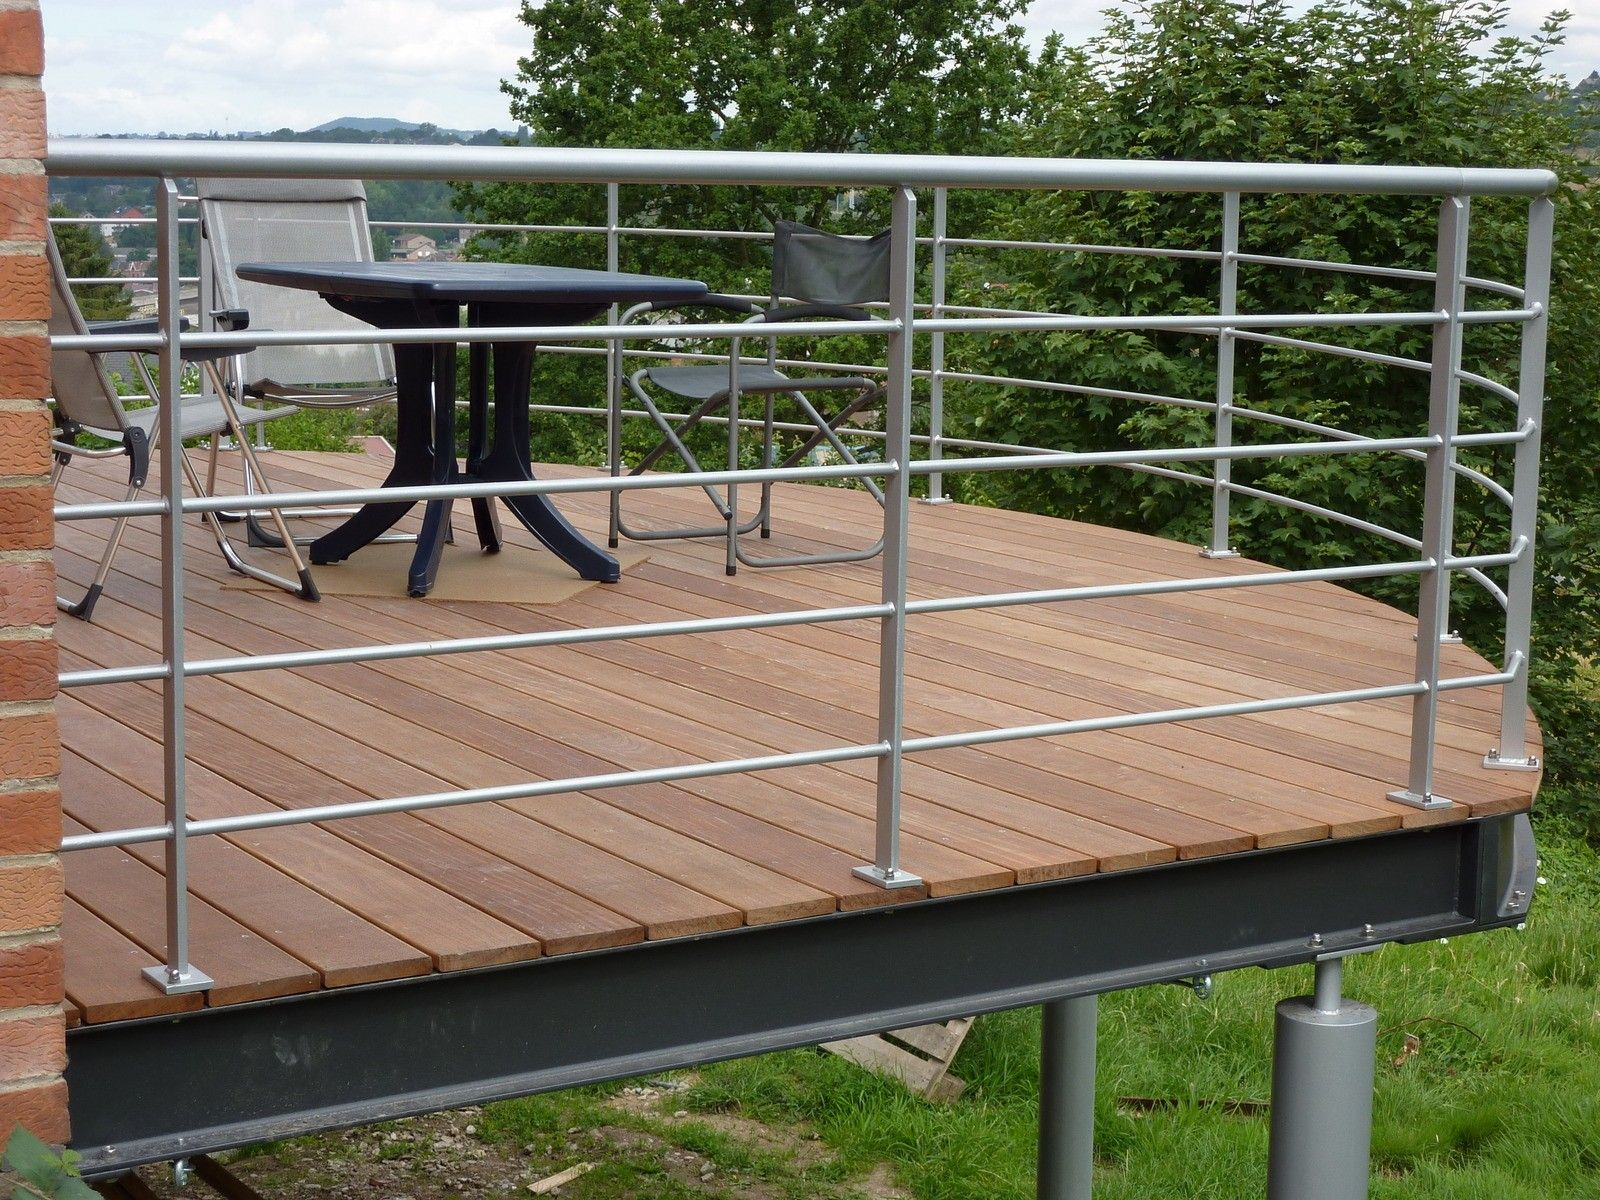 Find Inspiration About Prix D Une Terrasse En Bois Sur Pilotis Terrasse Suspendue En Bois Terrasse Suspendue Bois P Balkon Haus Eine Veranda Bauen Holzterrasse